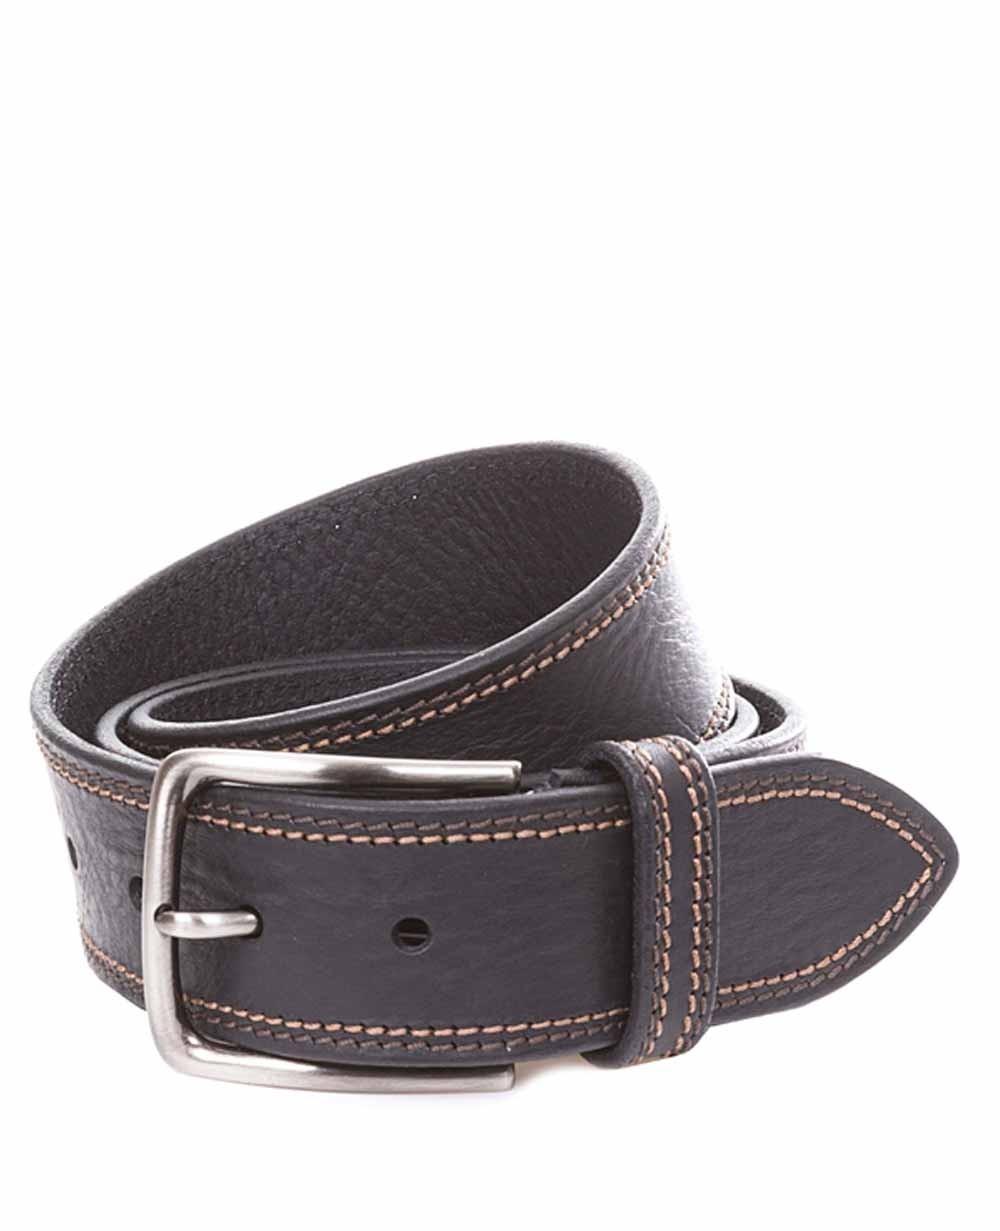 Miguel Bellido Cinturón Jeans Piel Negro 110 (Foto )